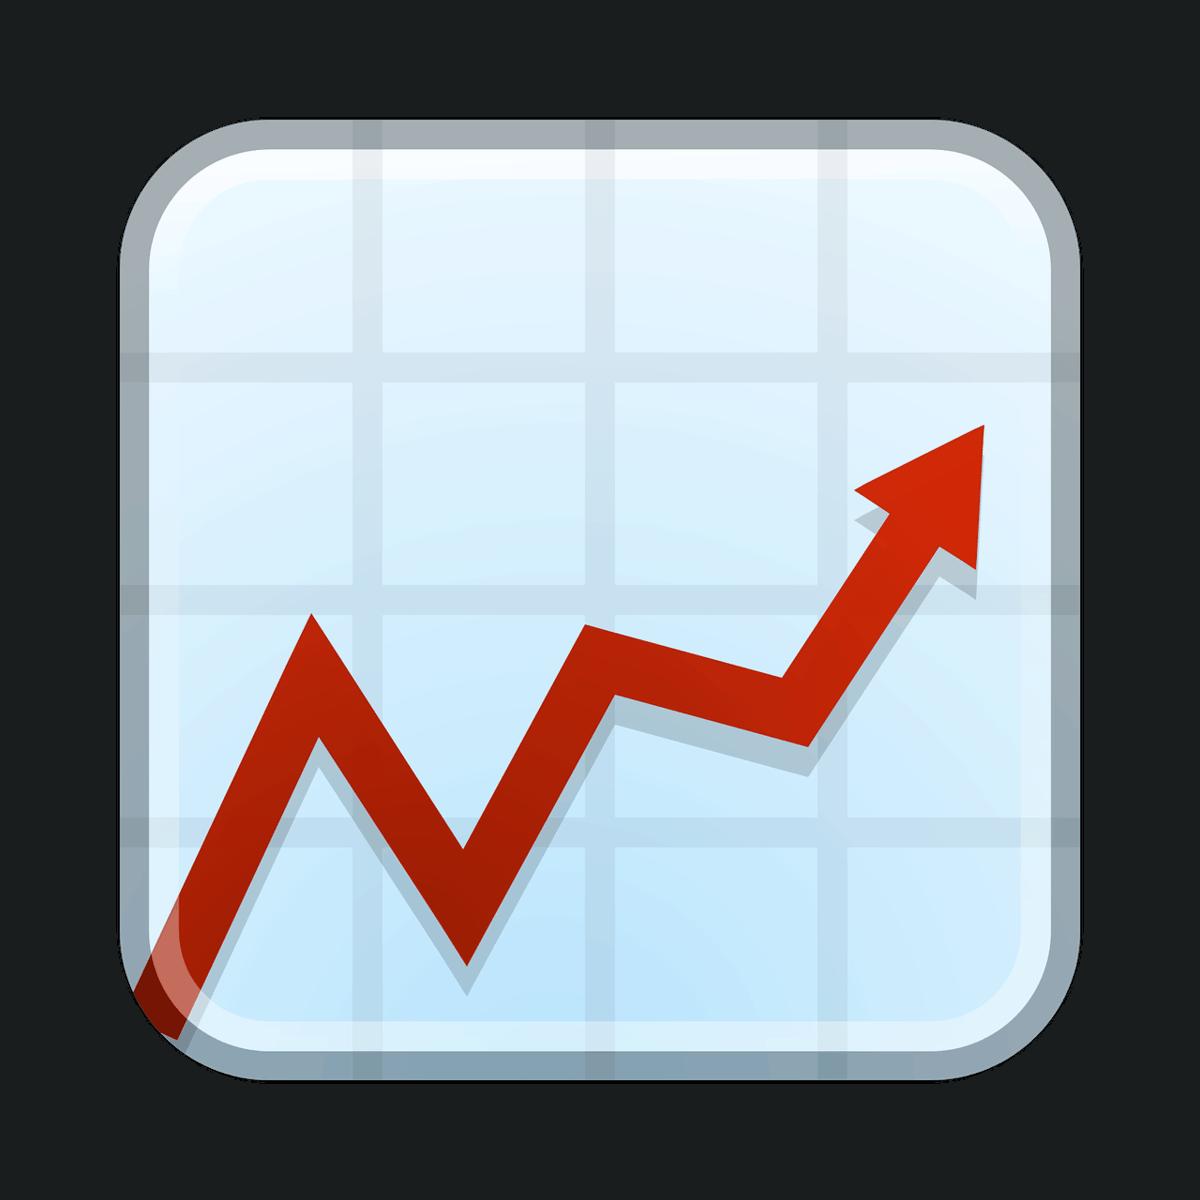 מדד סטטיסטי